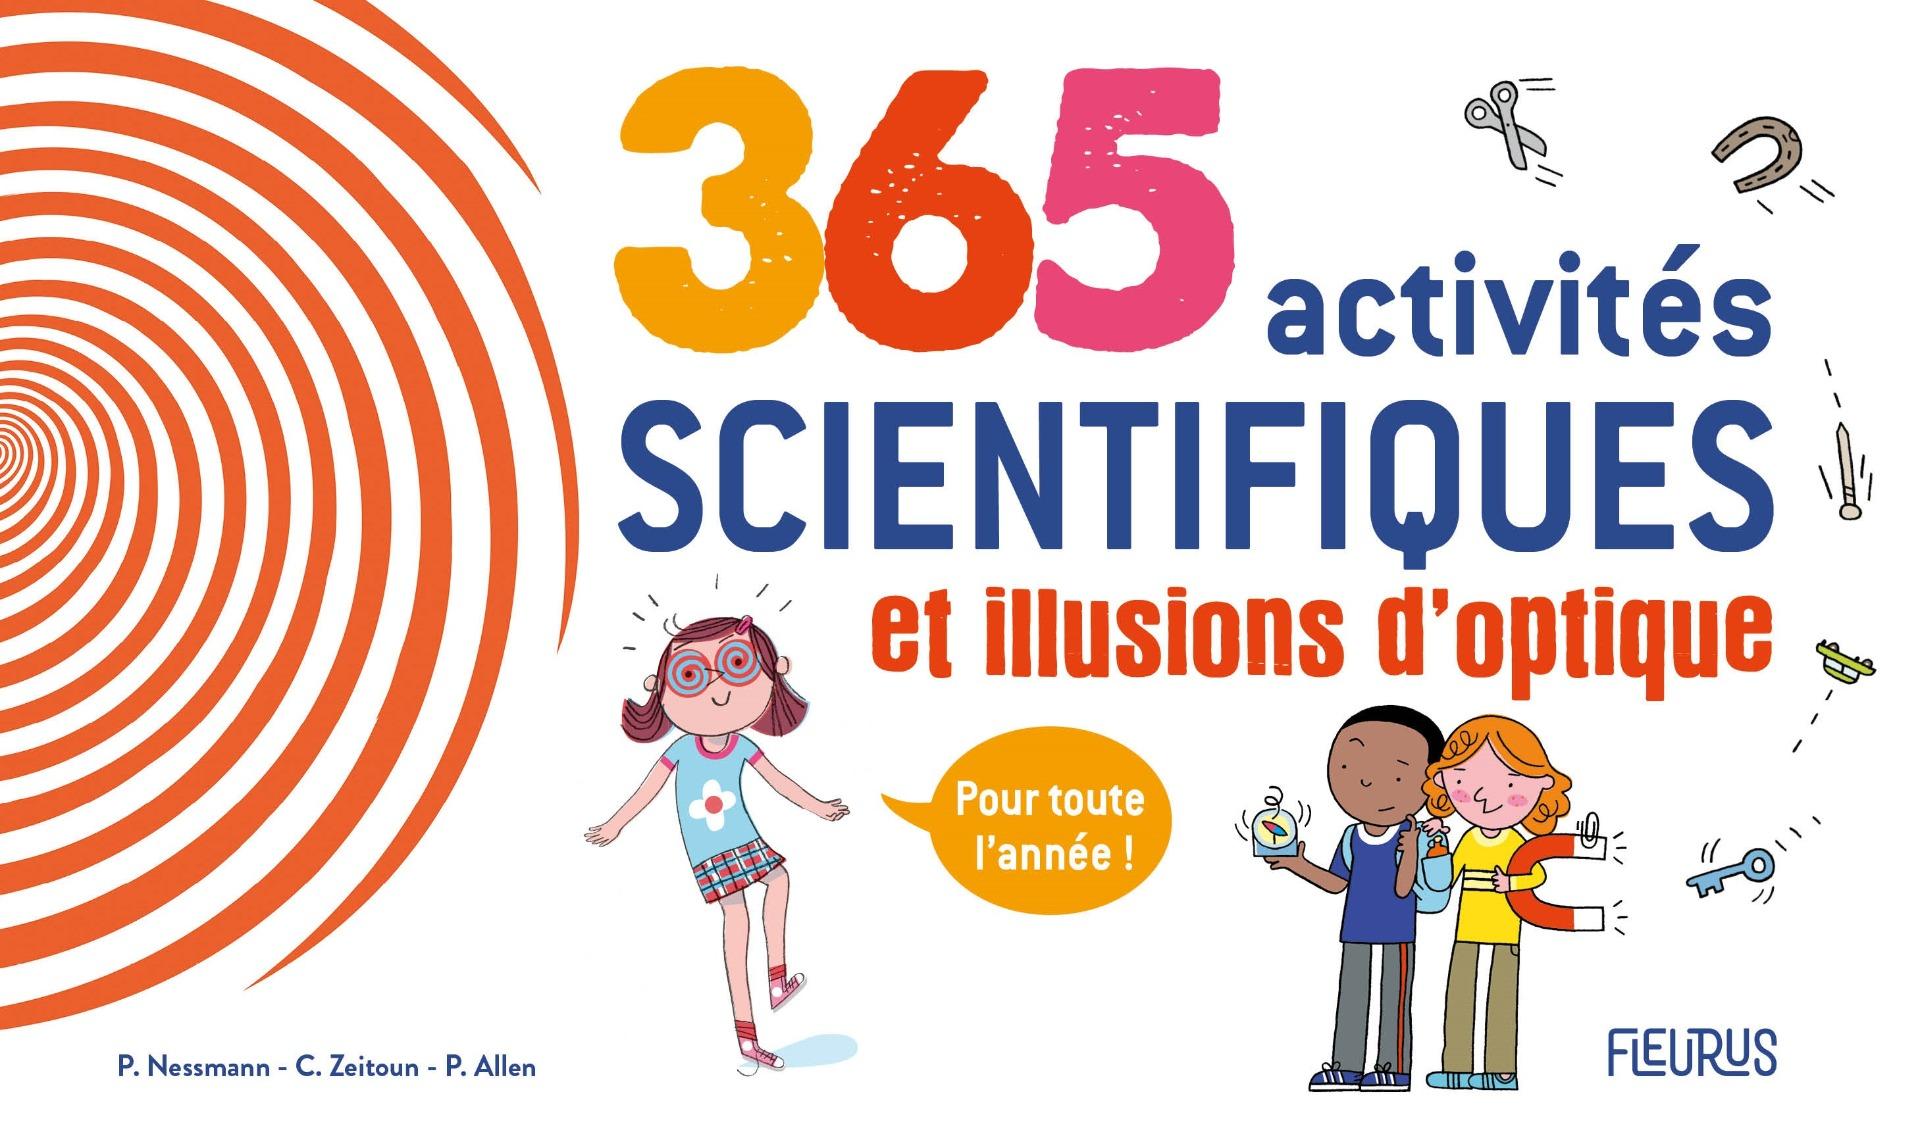 365 activités scientifiques et illusions d'optique pour toute l'année, de P. Nessmann, C. Zeitoun et P. Allen